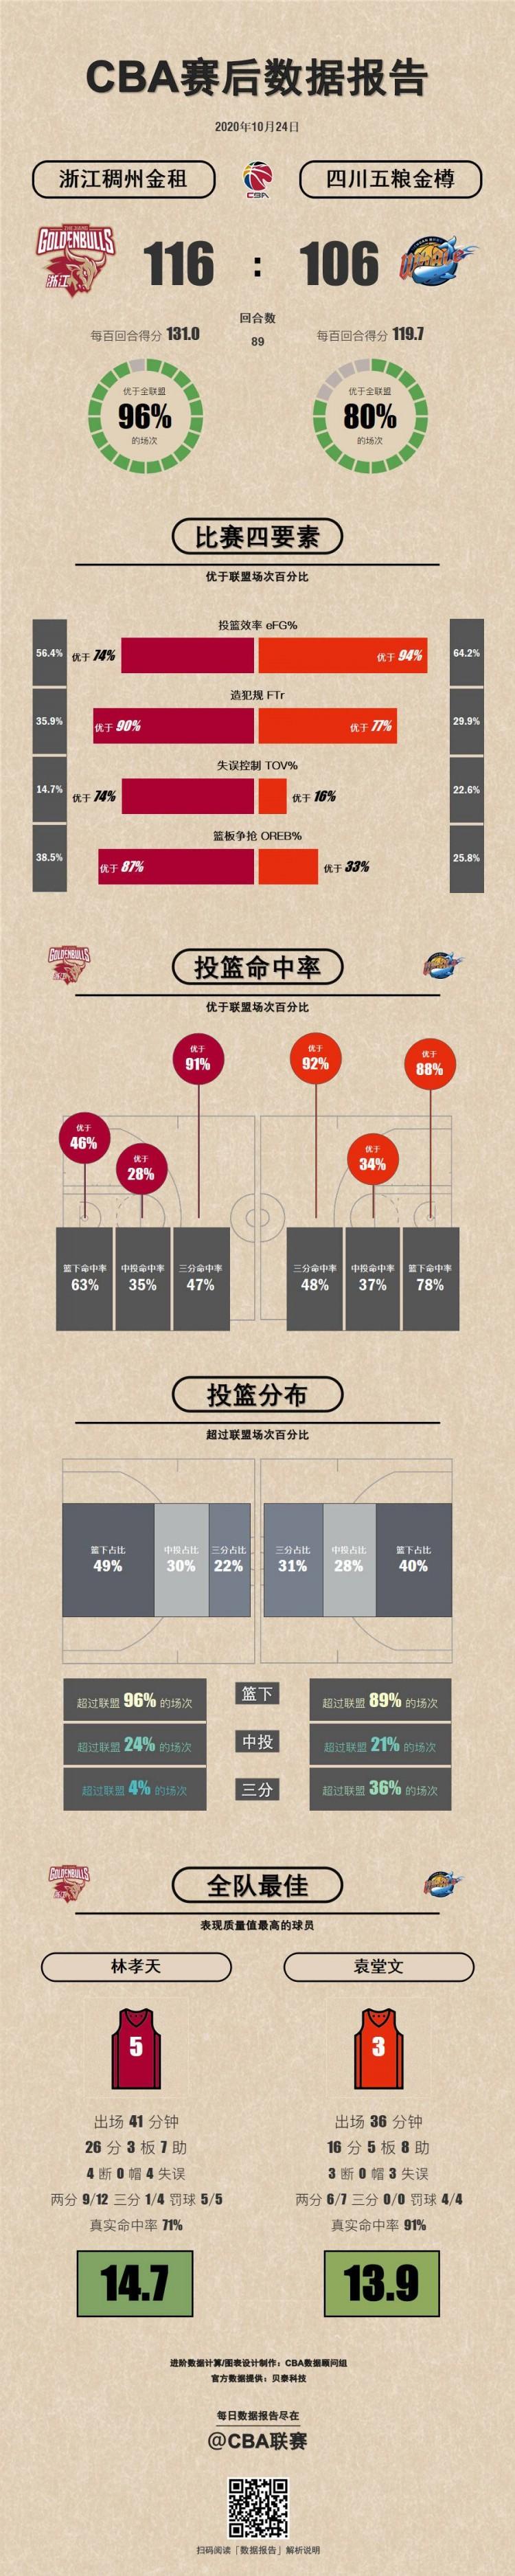 浙江VS四川数据报告 浙江在失误控制和篮板球争抢方面做得更好